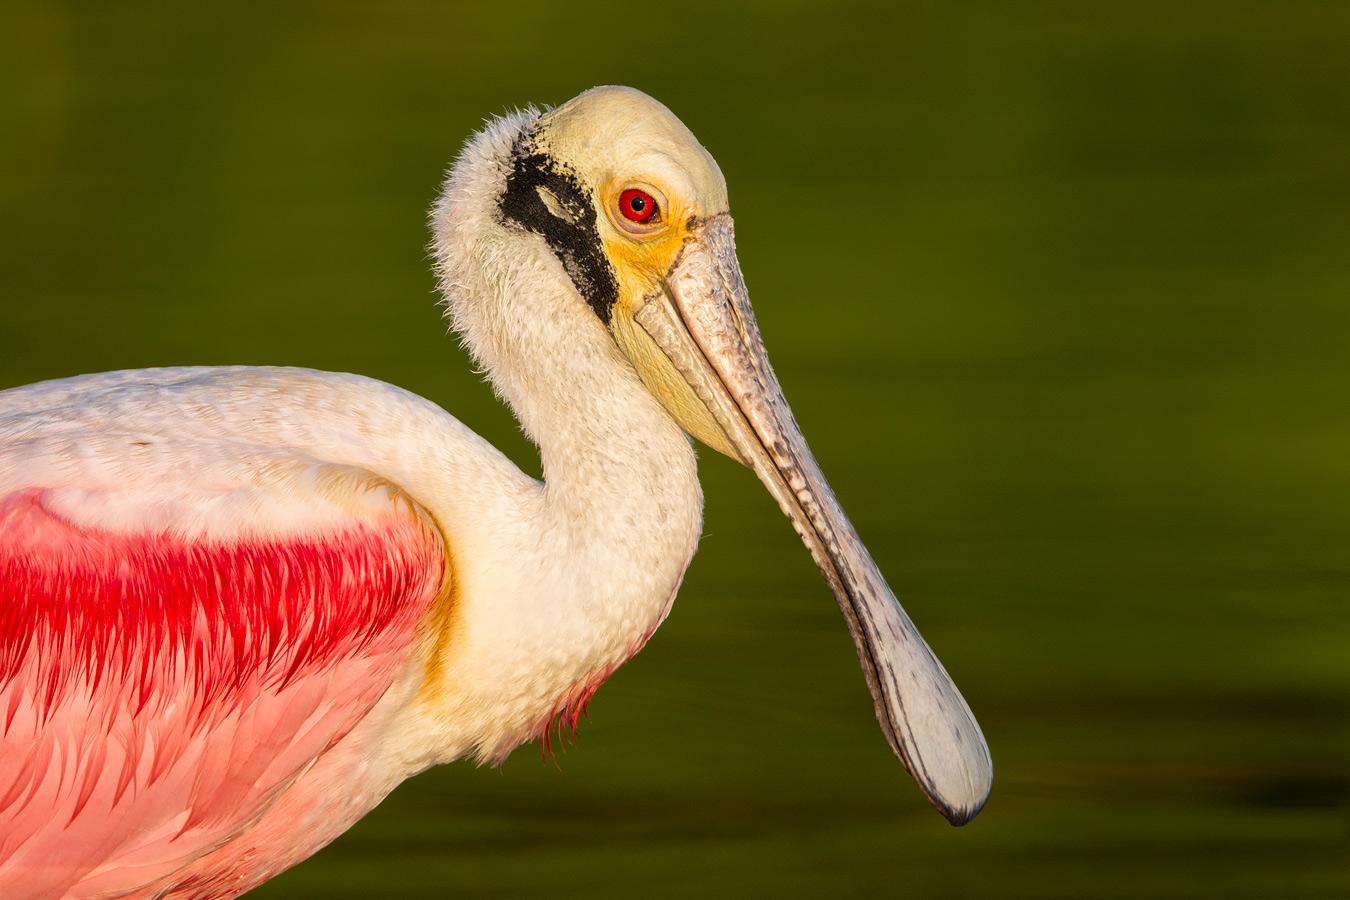 https://i0.wp.com/www.birdsasart-blog.com/baa/wp-content/gallery/contest/v572vymzdudojyweoxdqzdqmyqsjdevdyjessob5zzy2dexyesqvqe5vyz5v2y7qddoybr7x.jpg